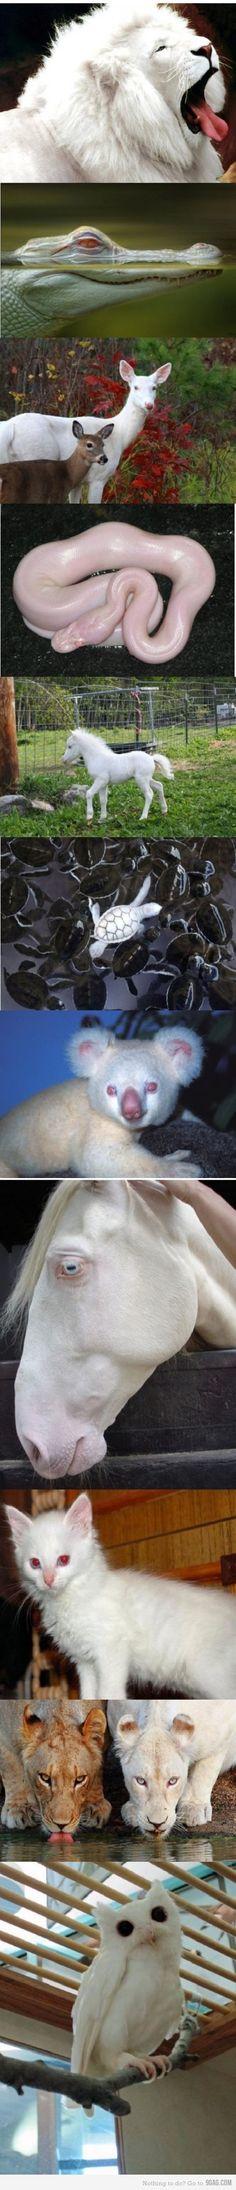 an array of albino creatures